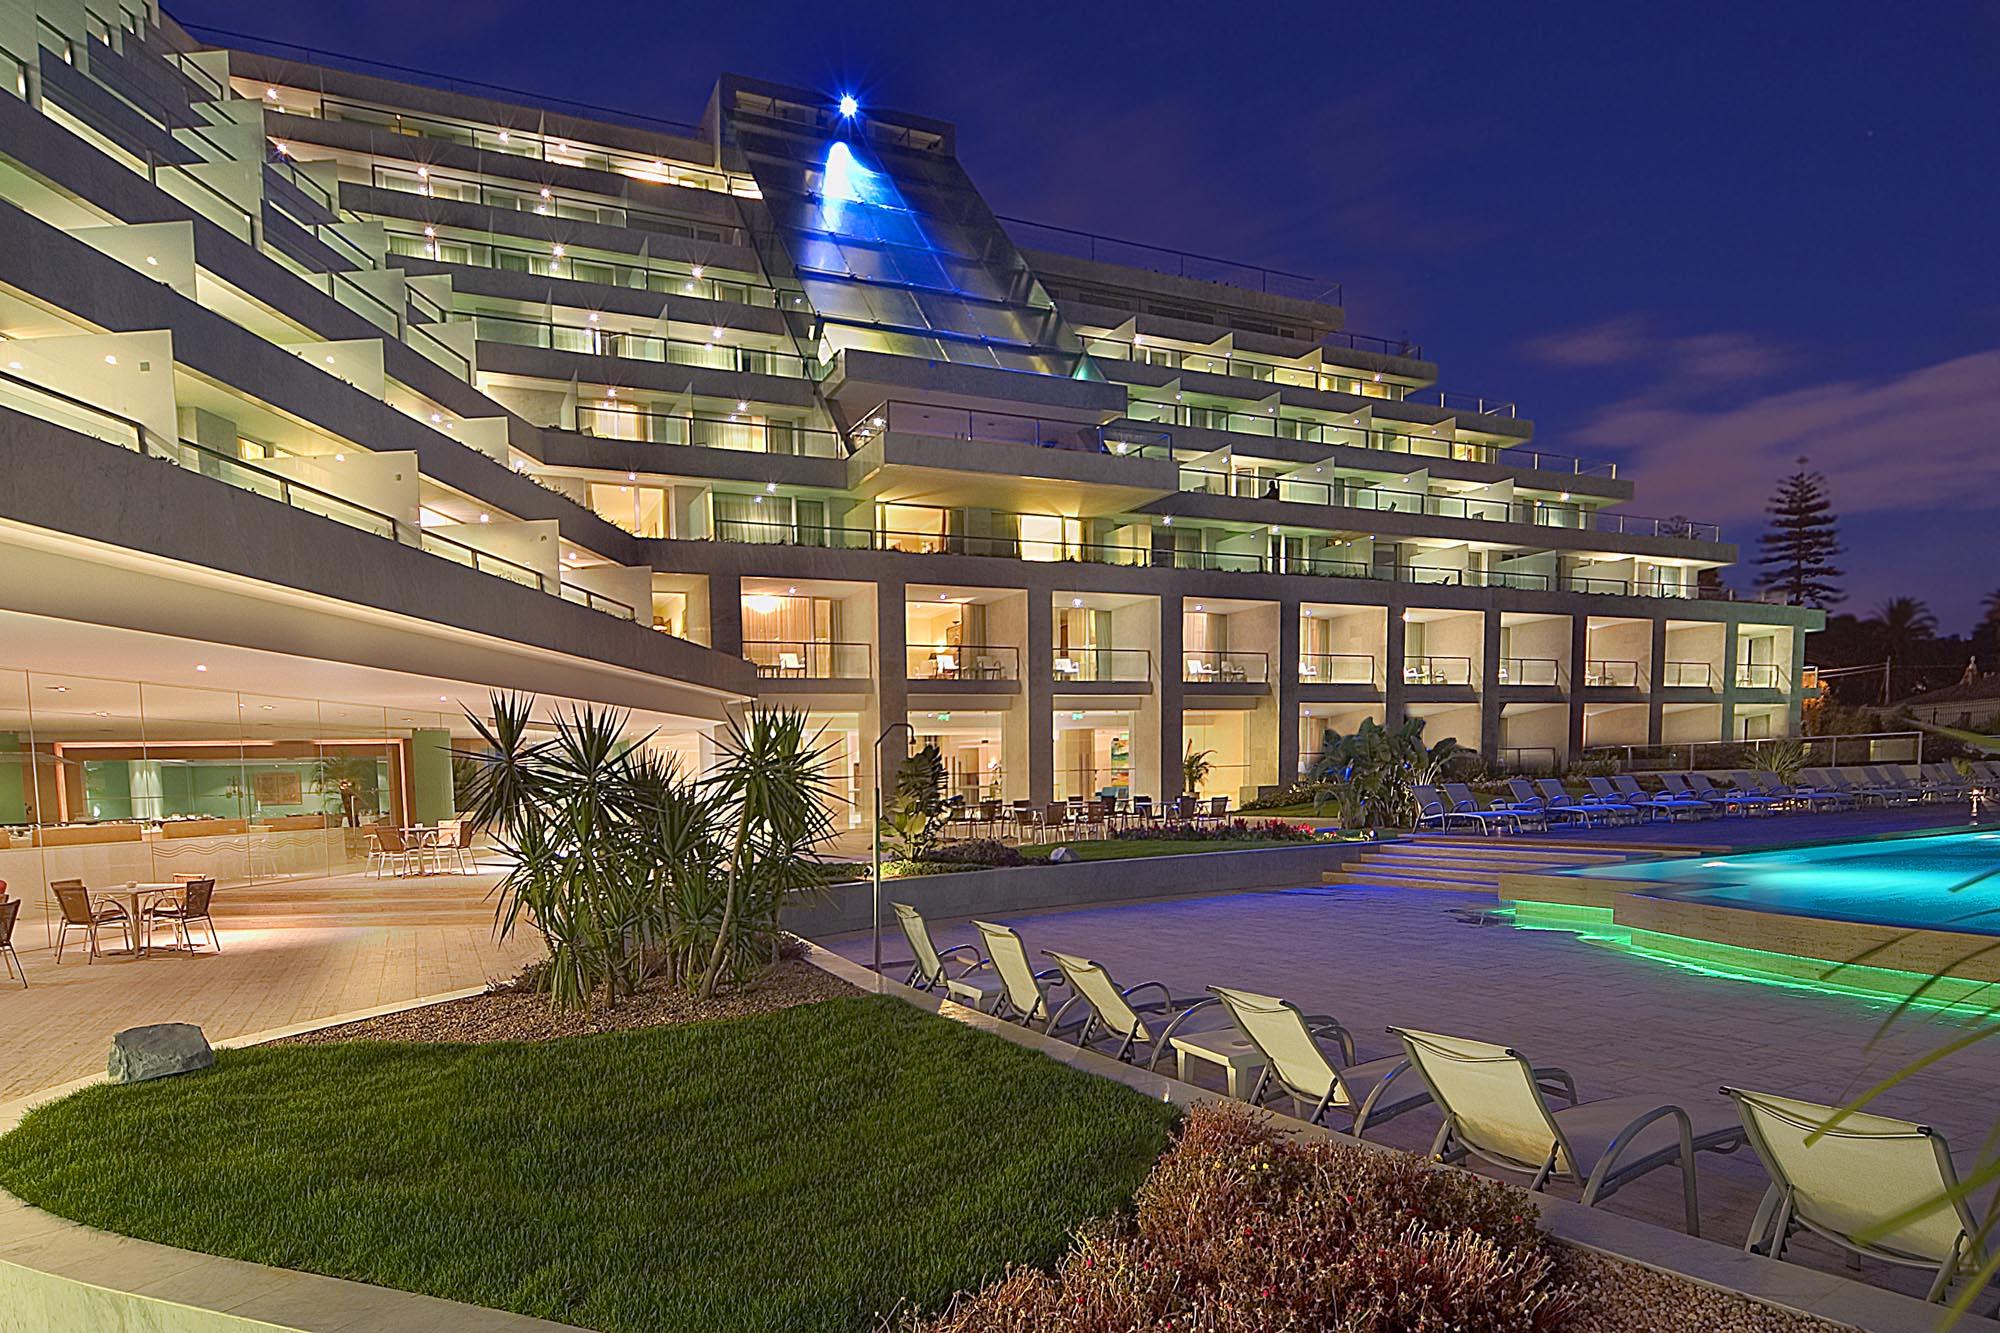 Hotel Cascais Miragem at night